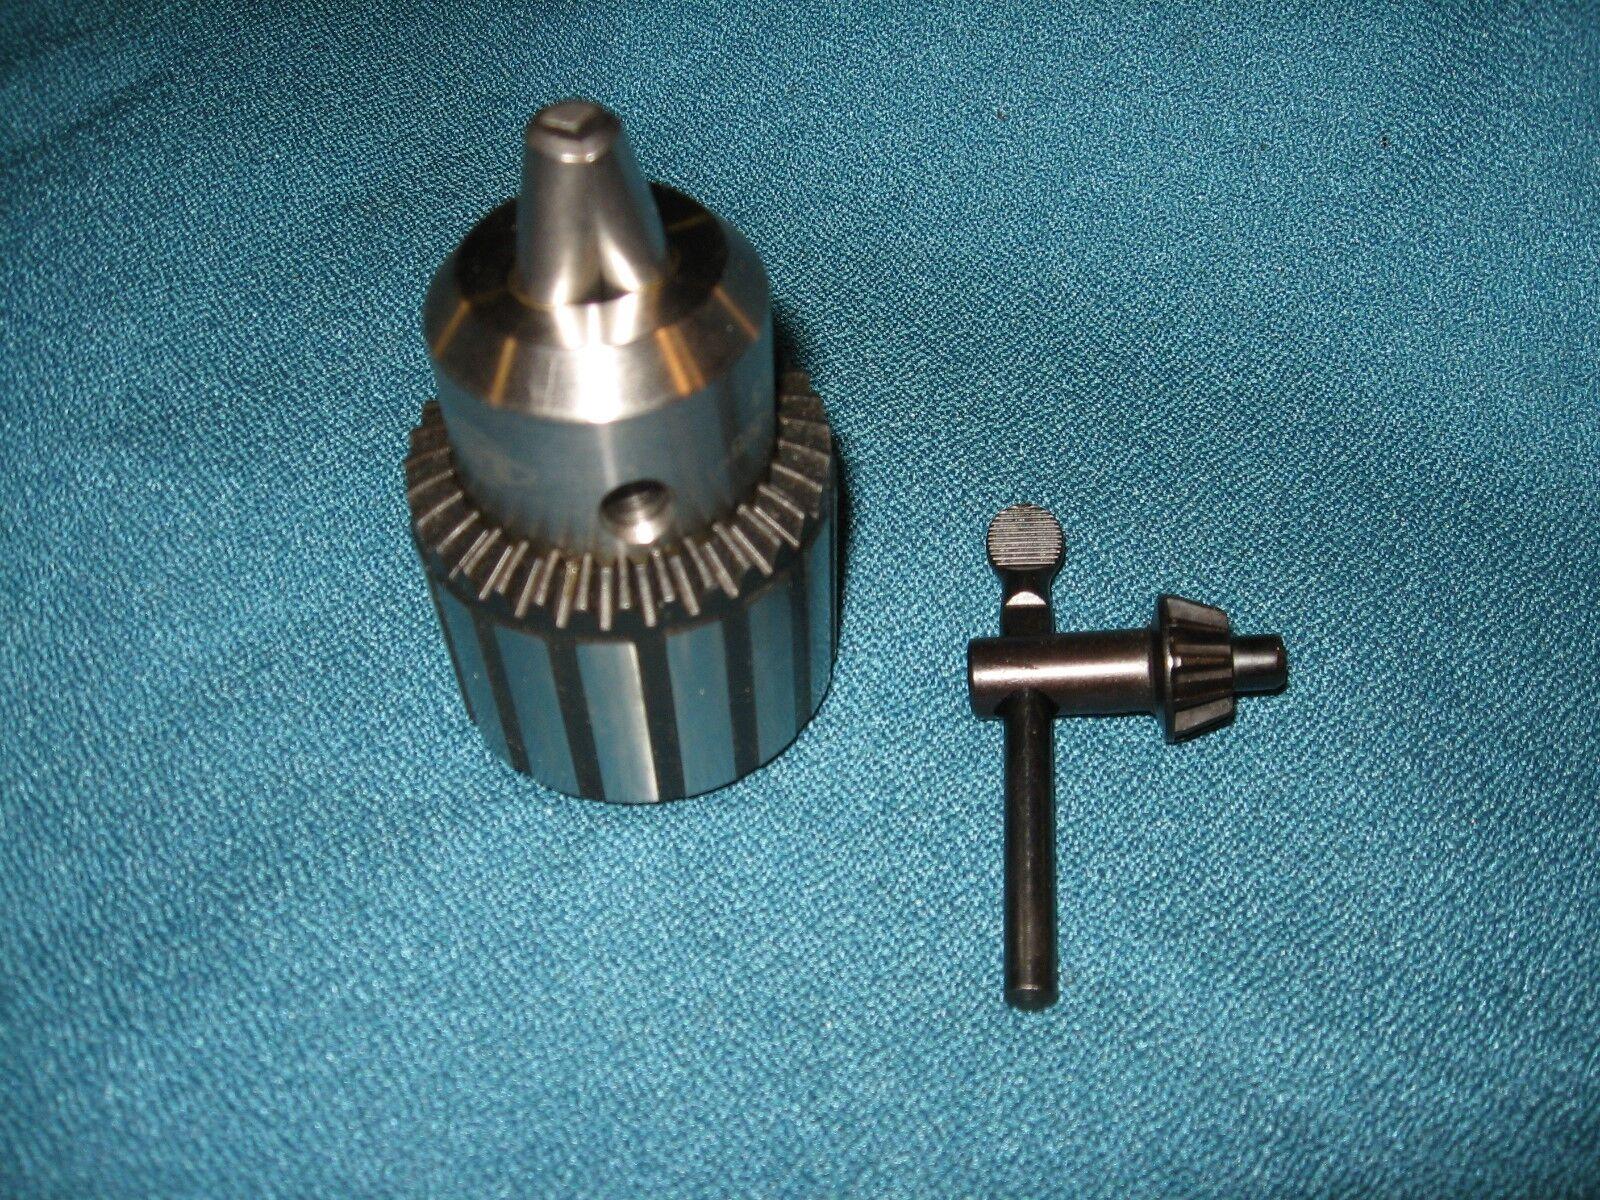 NEW 5 8 DRILL CHUCK AND KEY REPLACES DELTA 17-965 T2 DRILL PRESS CHUCK